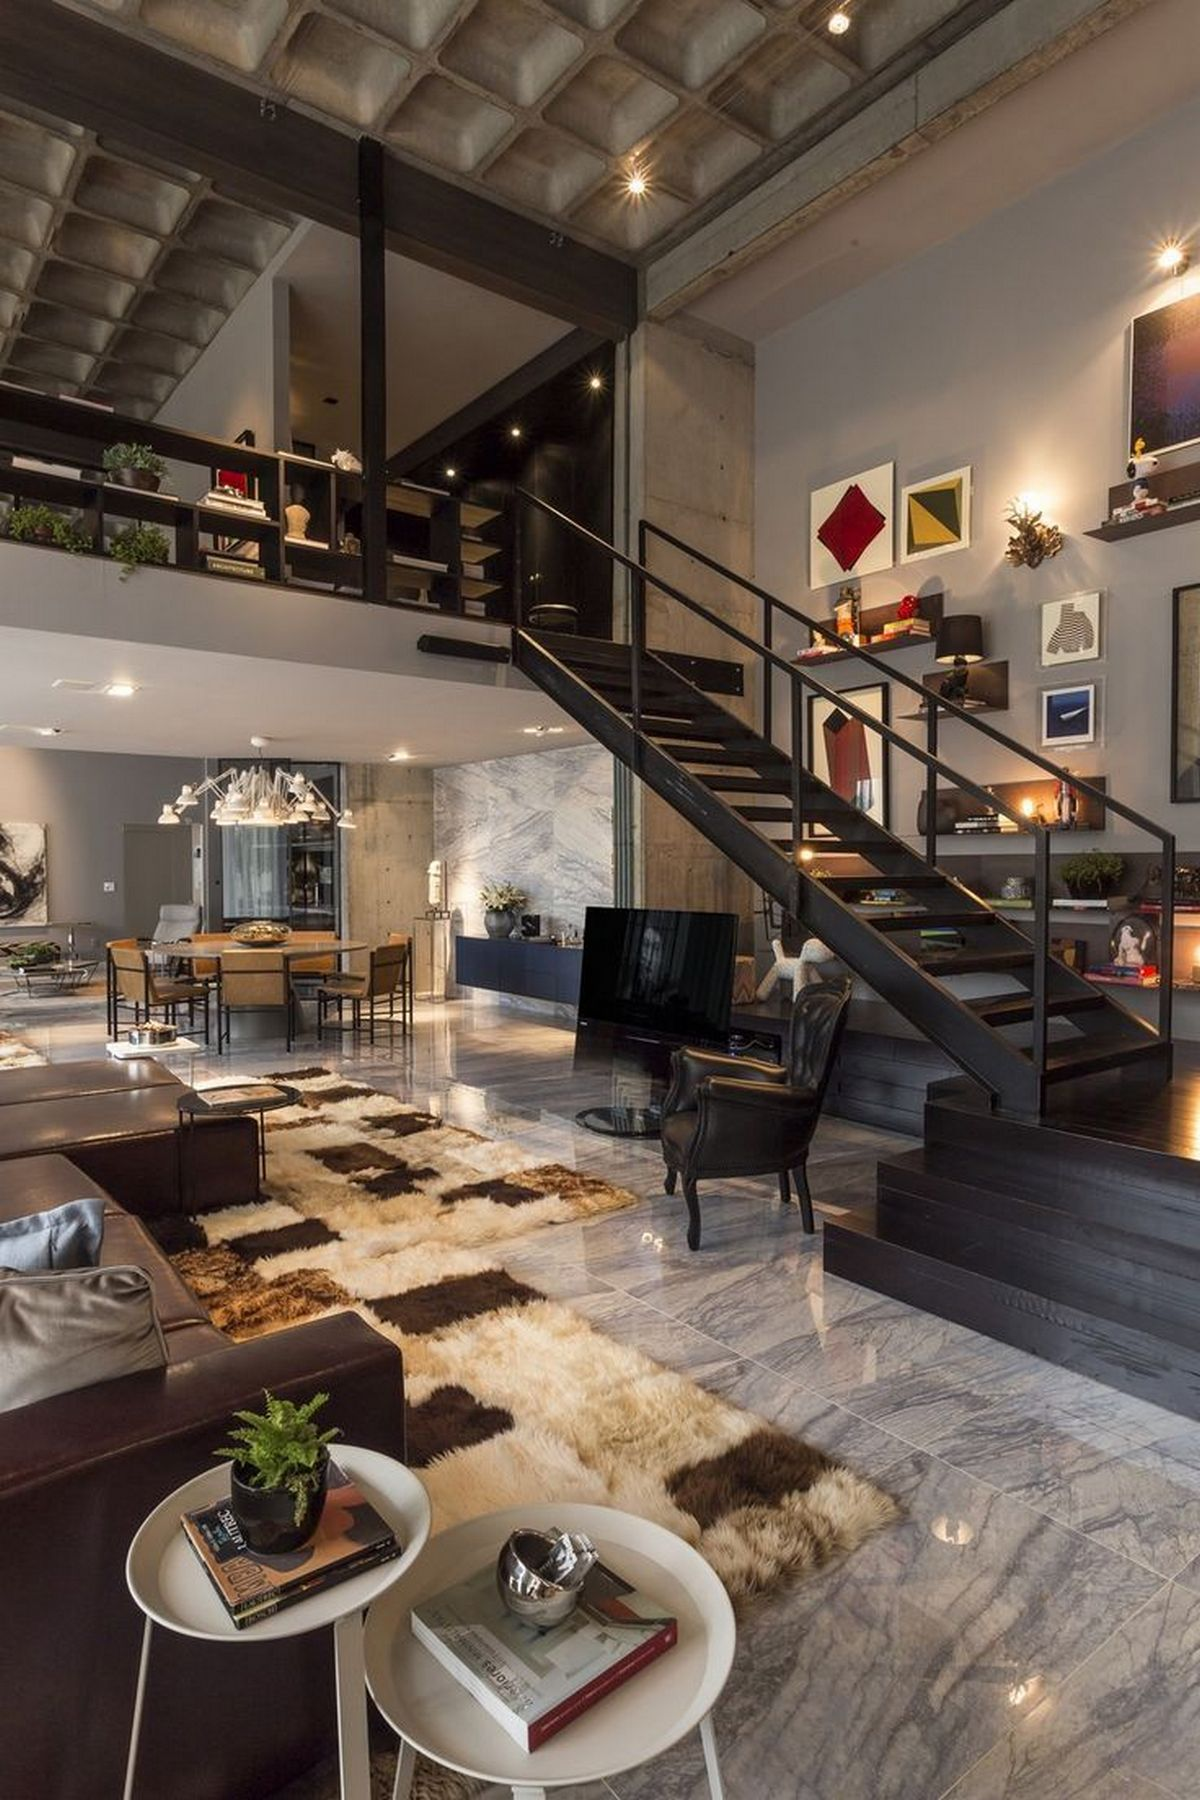 индустриальный стиль в интерьере двухуровневой квартиры